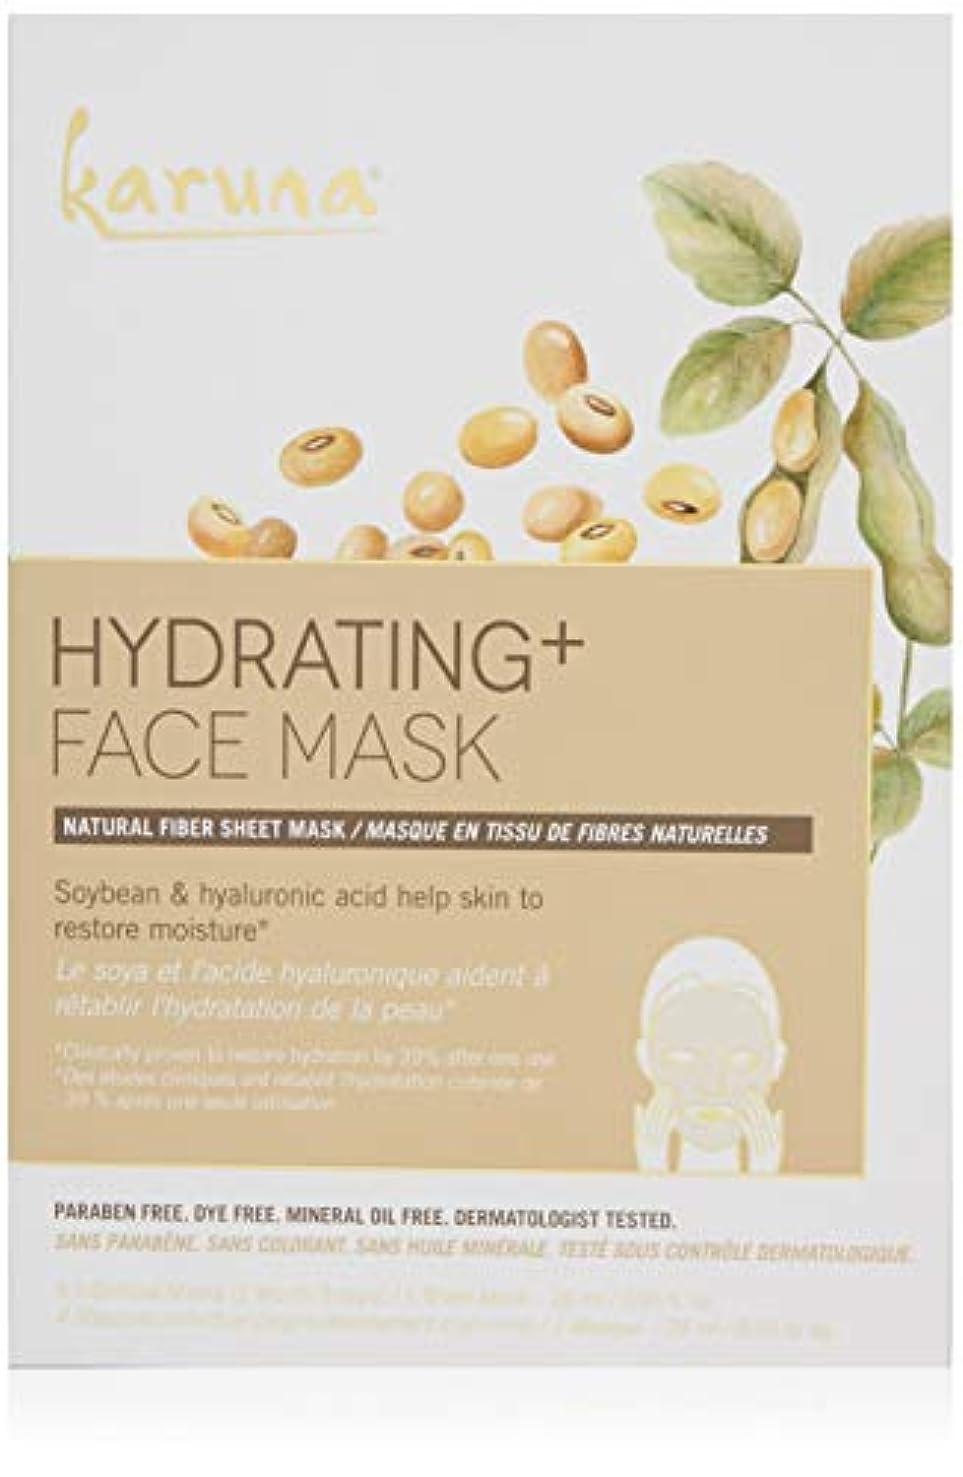 弾性したがって交差点Karuna Hydrating+ Face Mask 4sheets並行輸入品